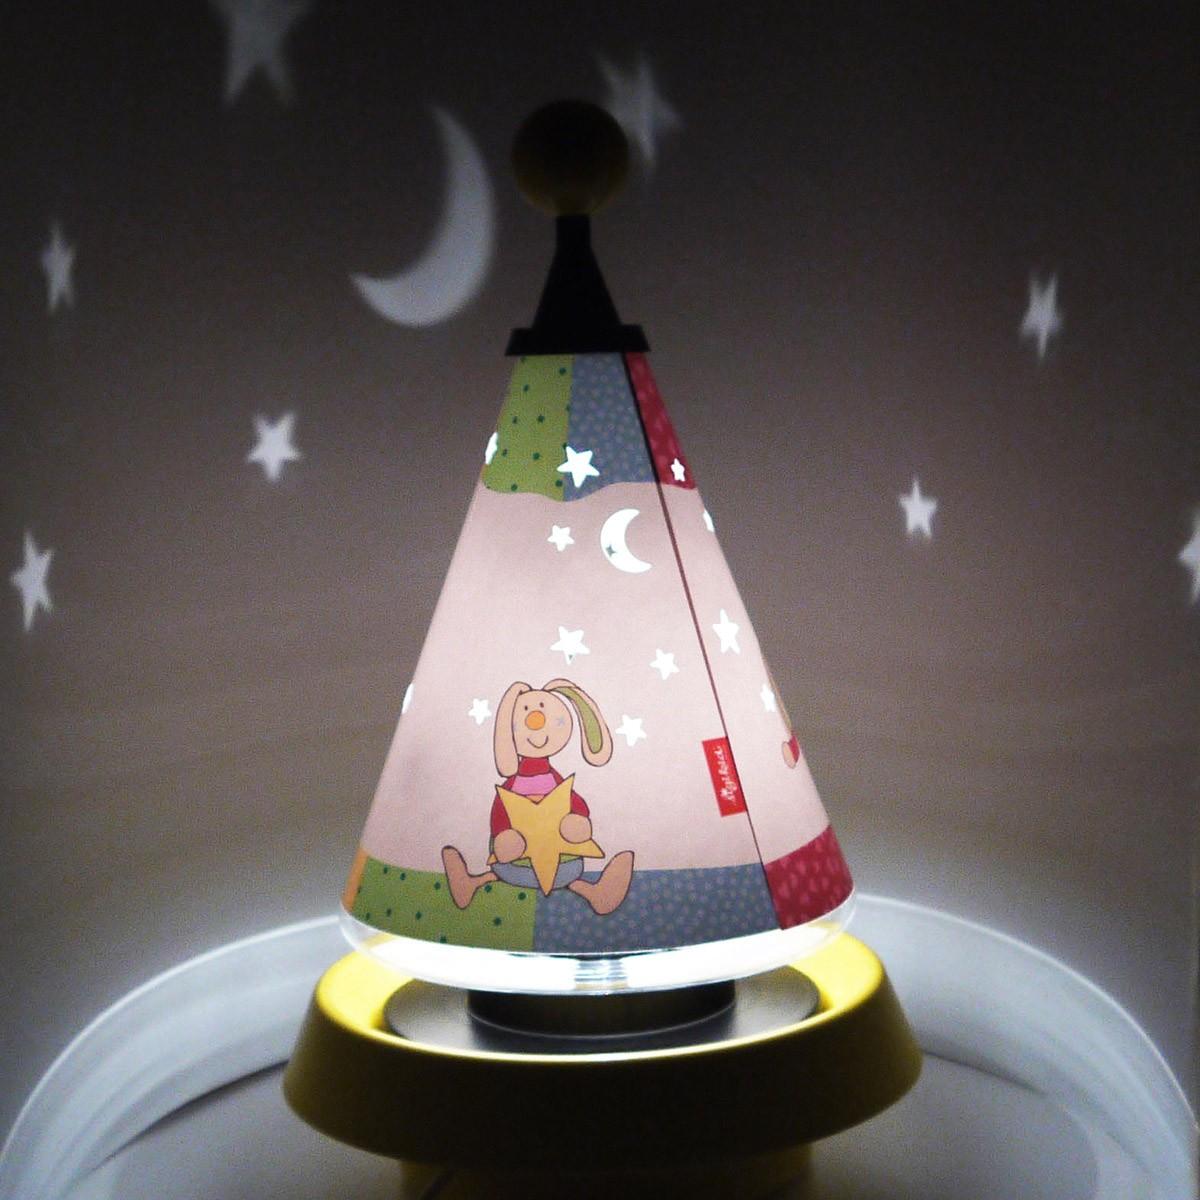 Niermann Standby Rainbow Rabbit Carrousel Tischleuchte, mit Sternen Projektion